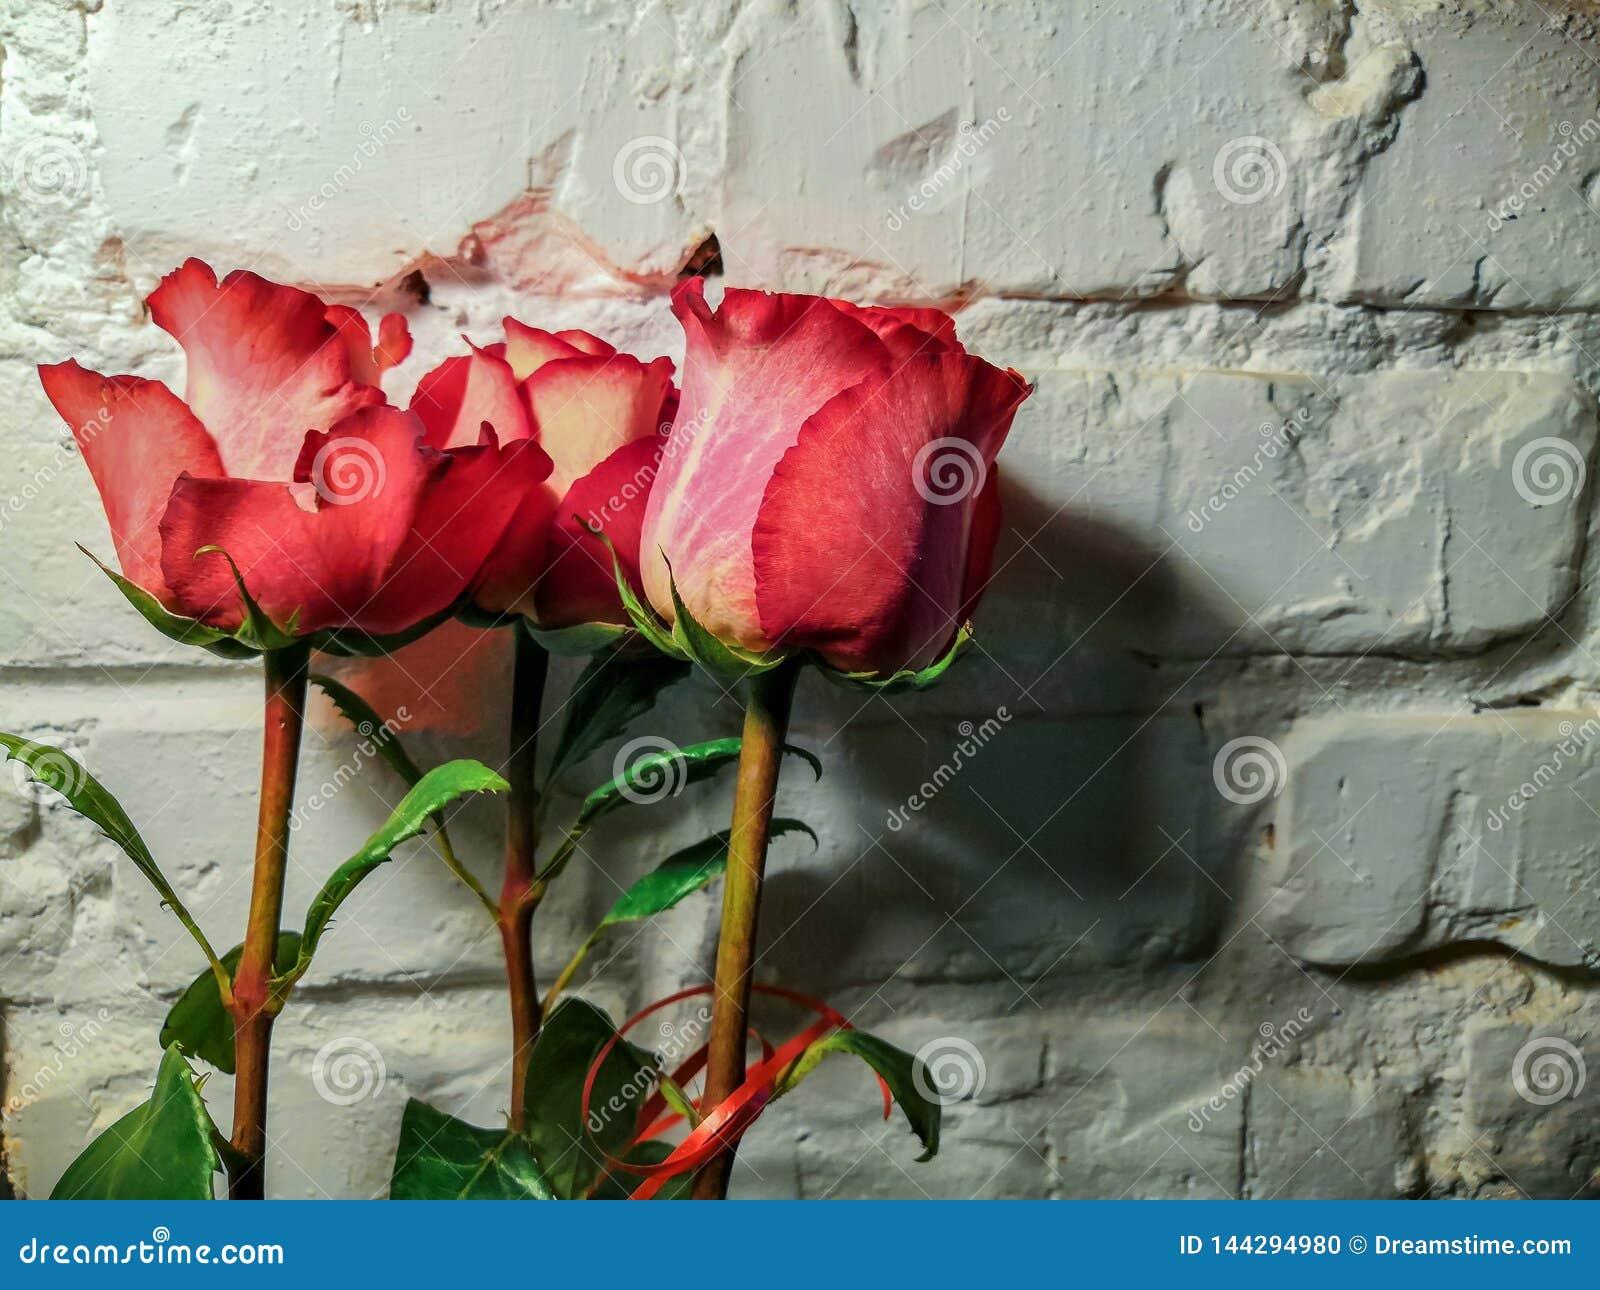 Rozen tegen een witte bakstenen muur